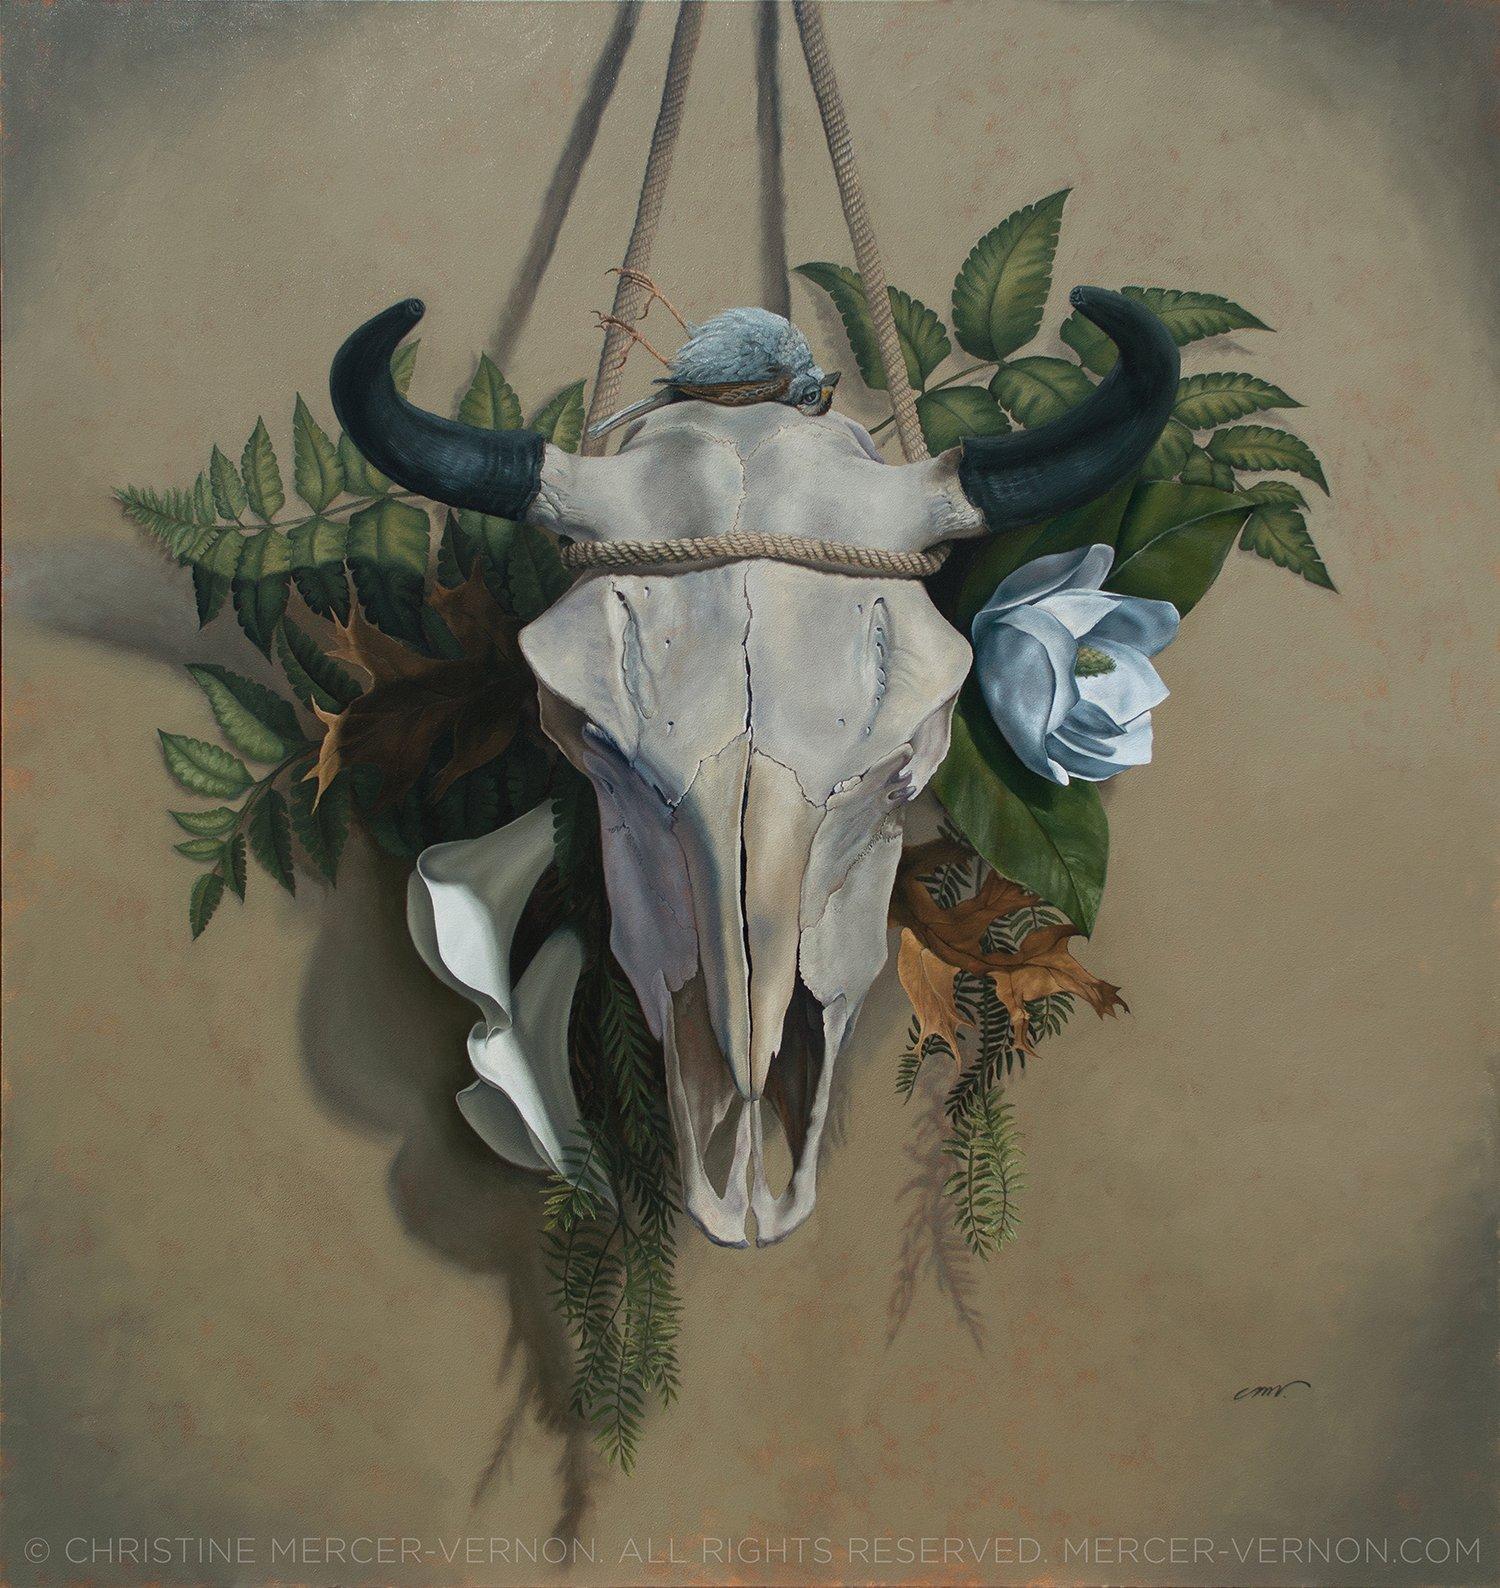 after death, life Credit: Christine Mercer-Vernon